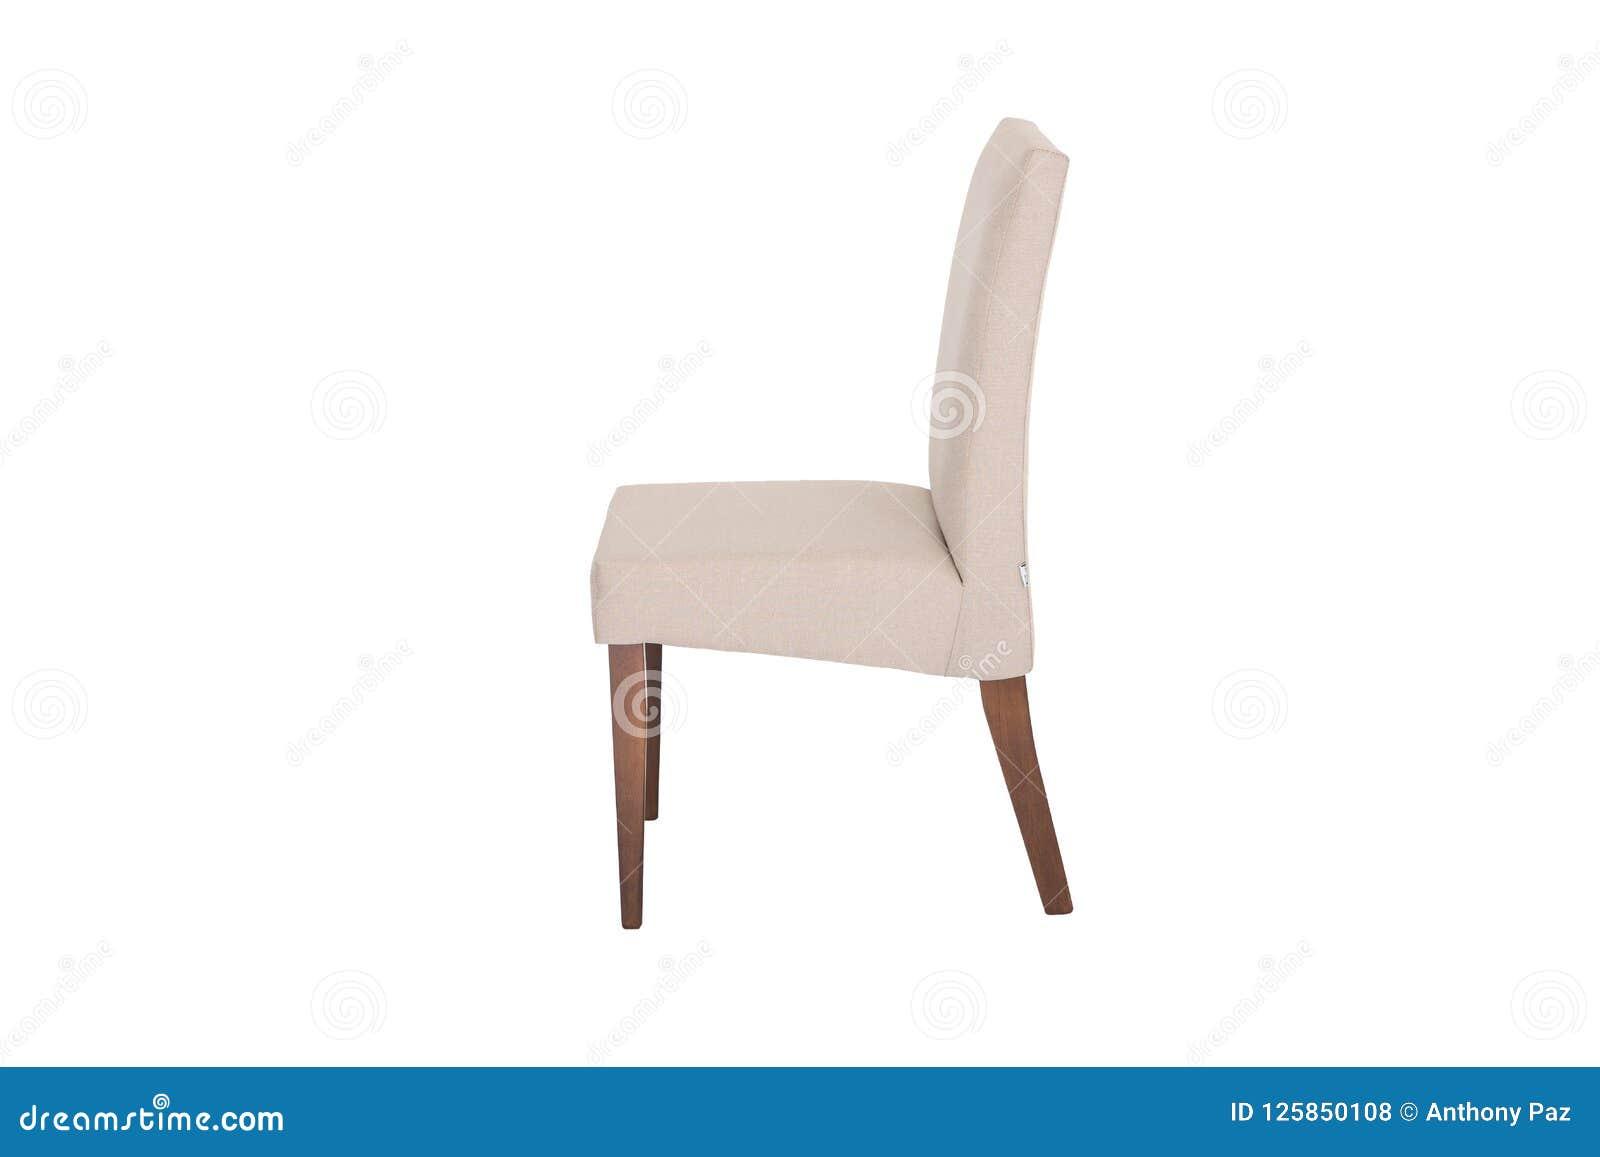 Hölzerner Stuhl Gegenstand lokalisiert vom Hintergrund